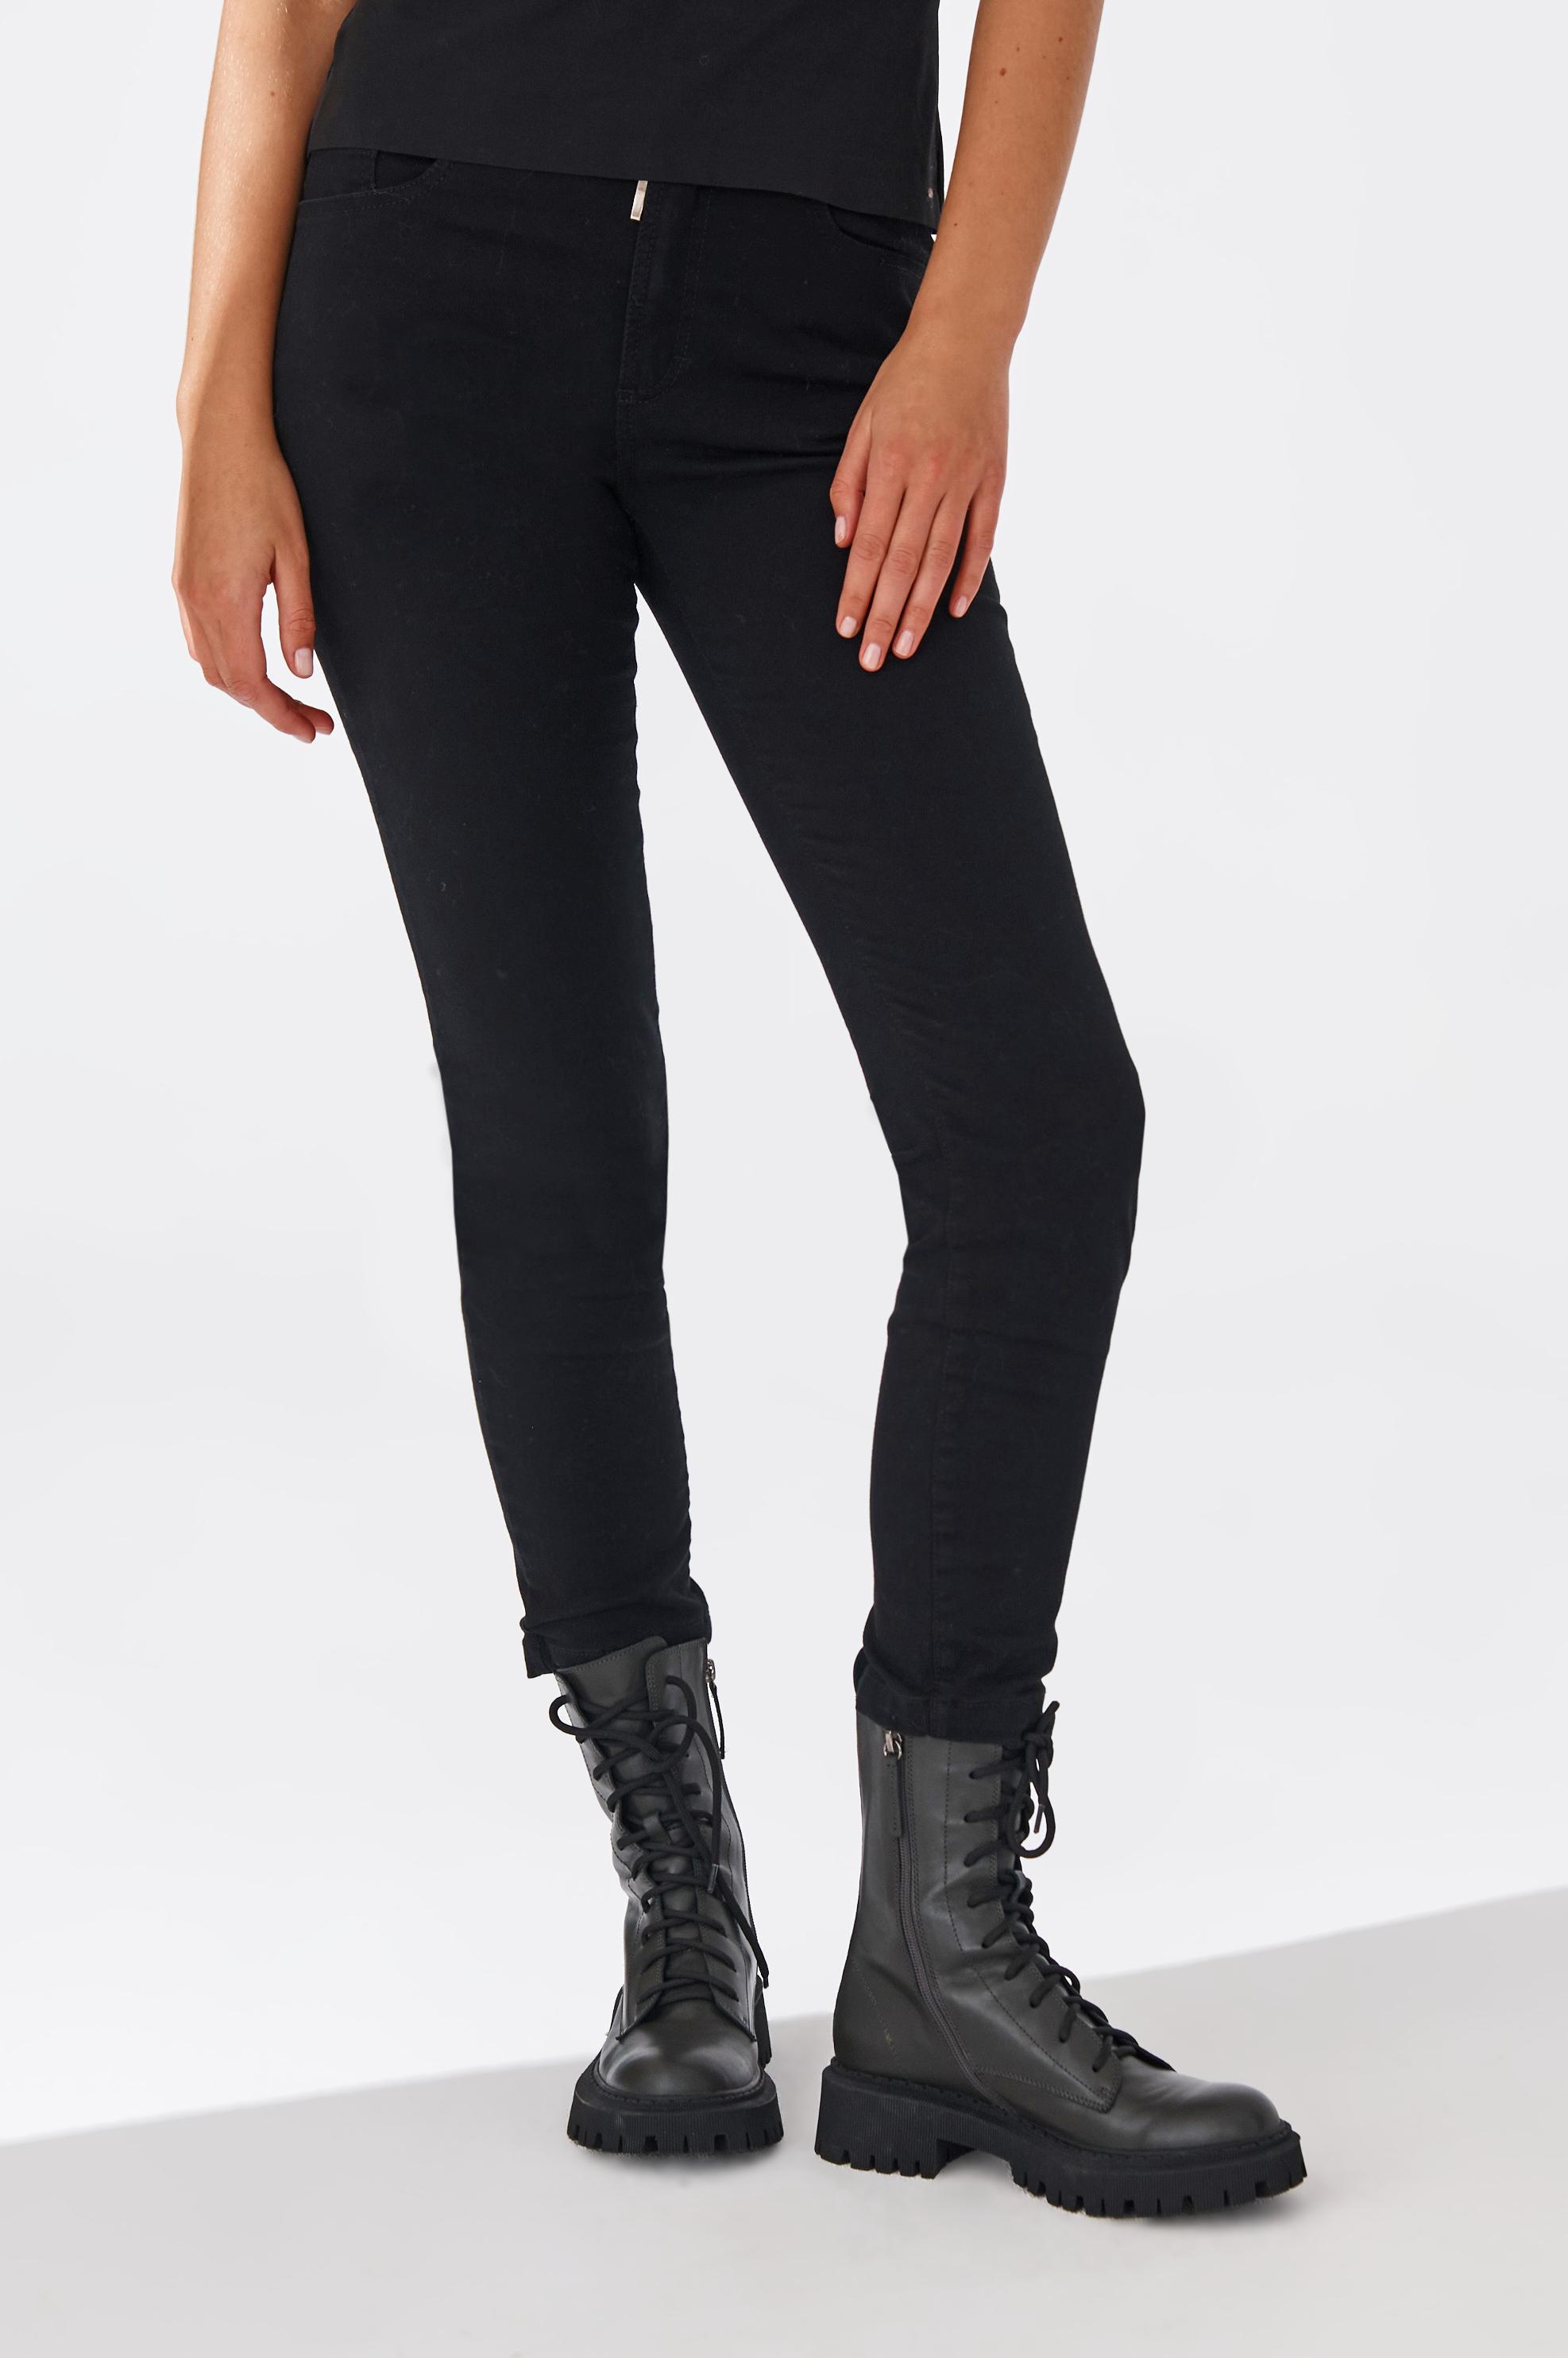 spodnie damskie denim REZI